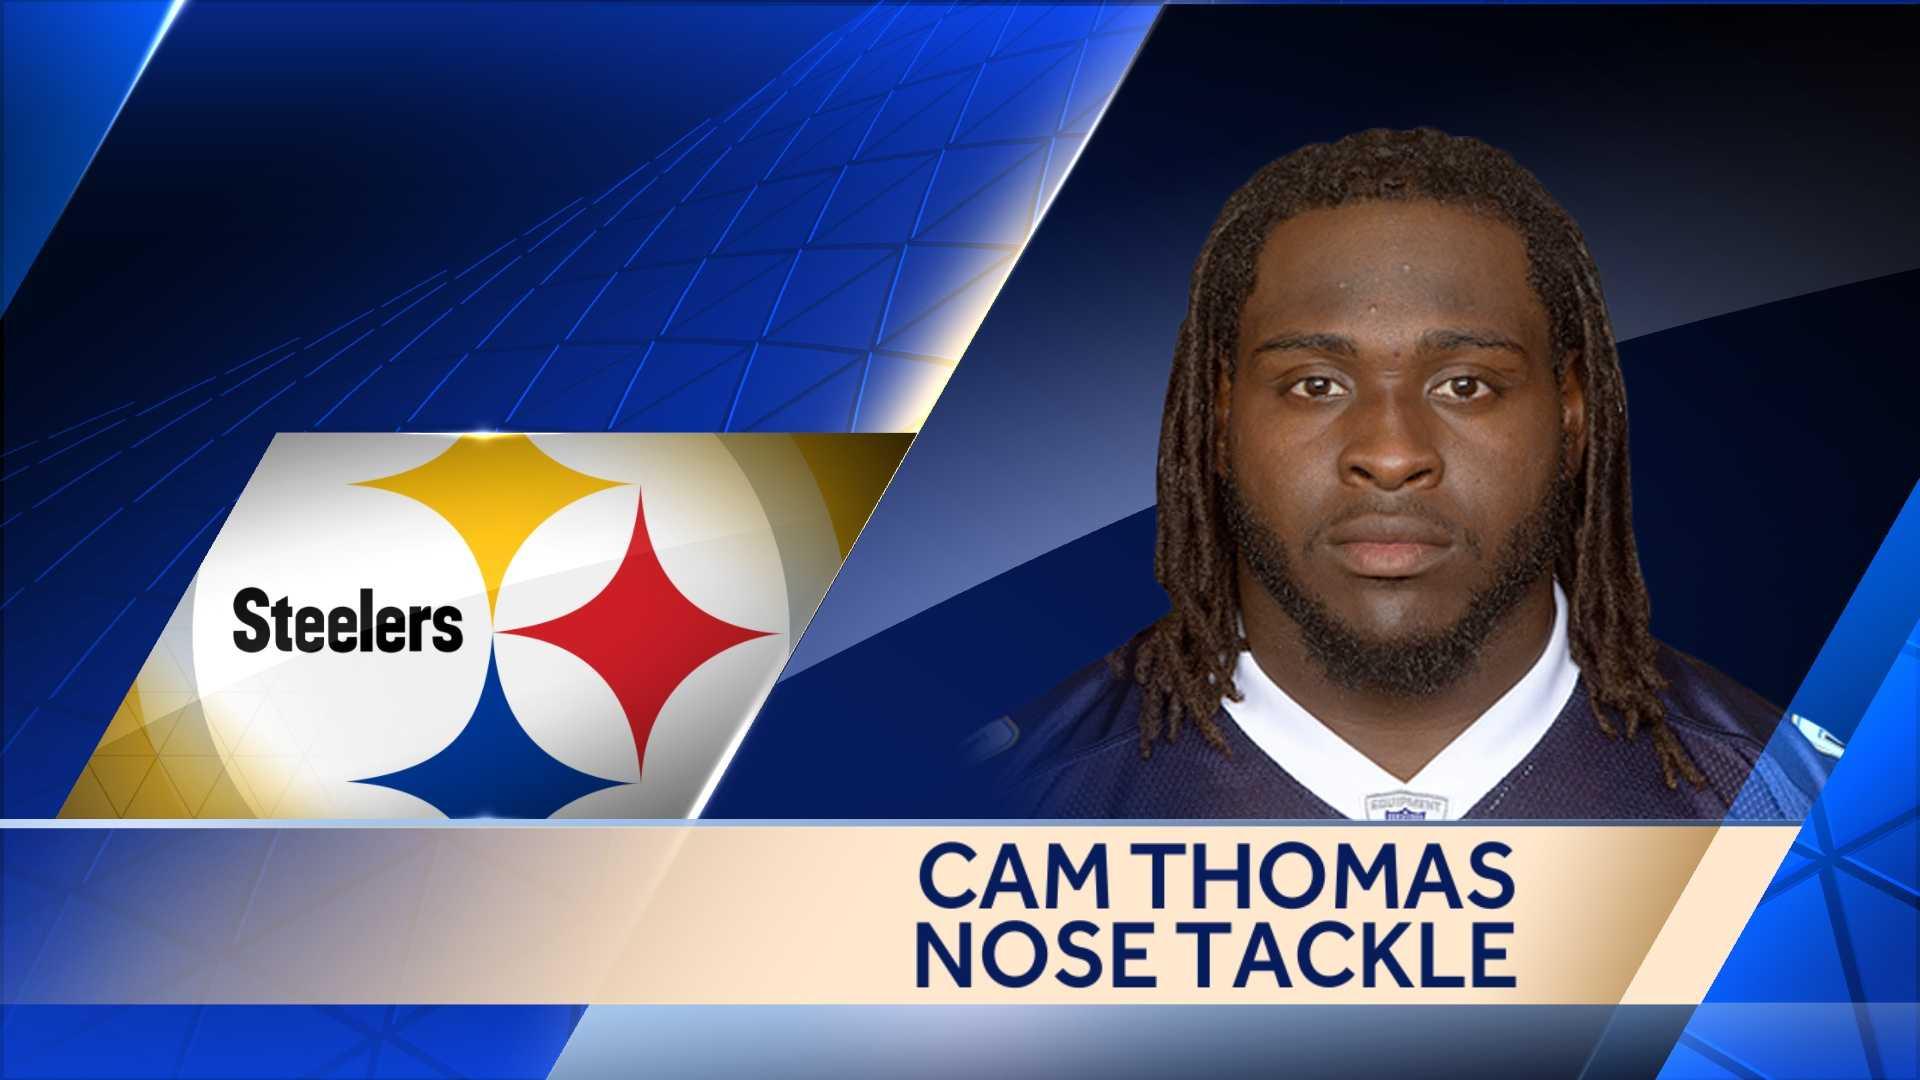 Cam Thomas graphic